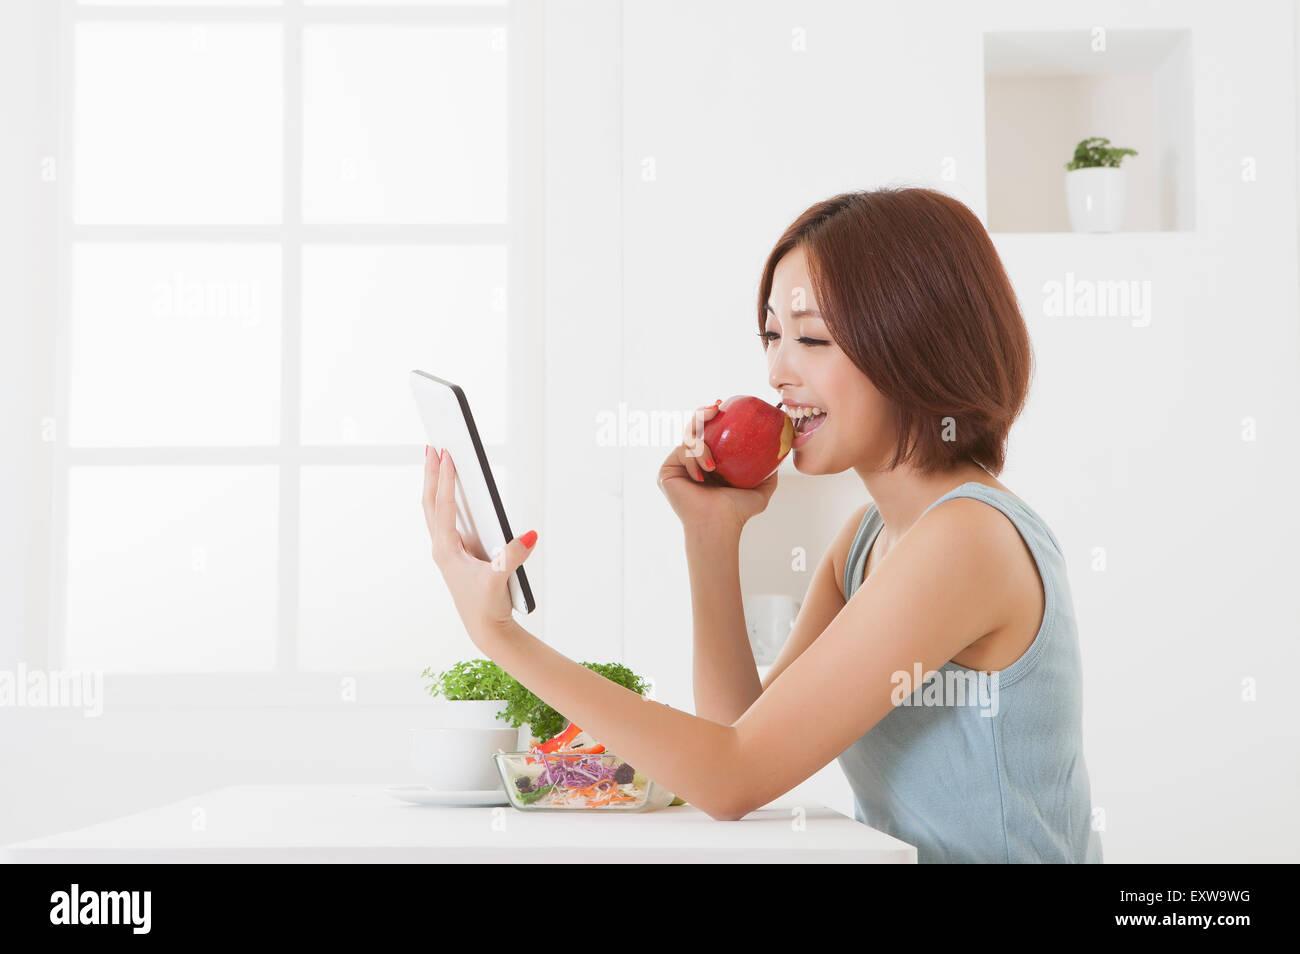 Mujer joven sosteniendo una manzana y la utilización del panel táctil, Imagen De Stock